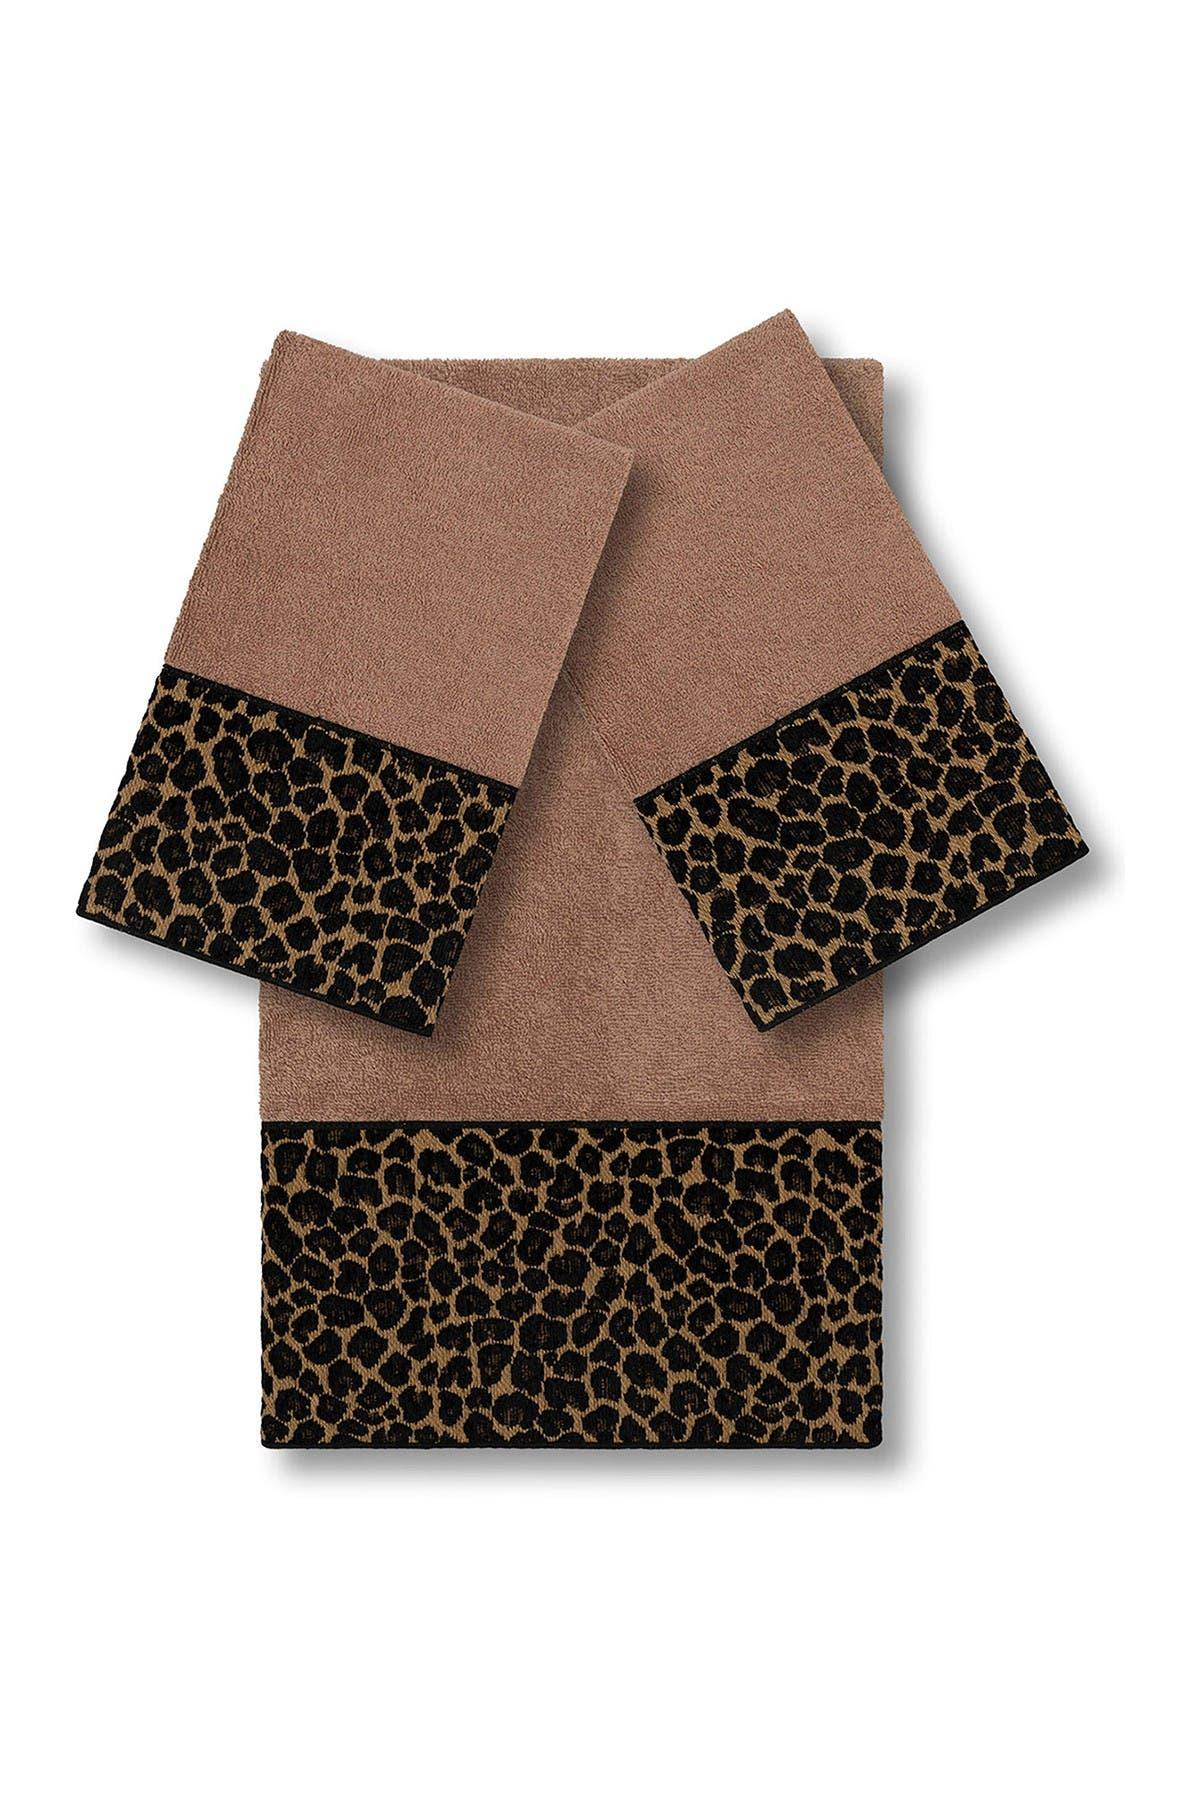 Image of LINUM HOME Spots 3-Piece Embellished Towel - Latte